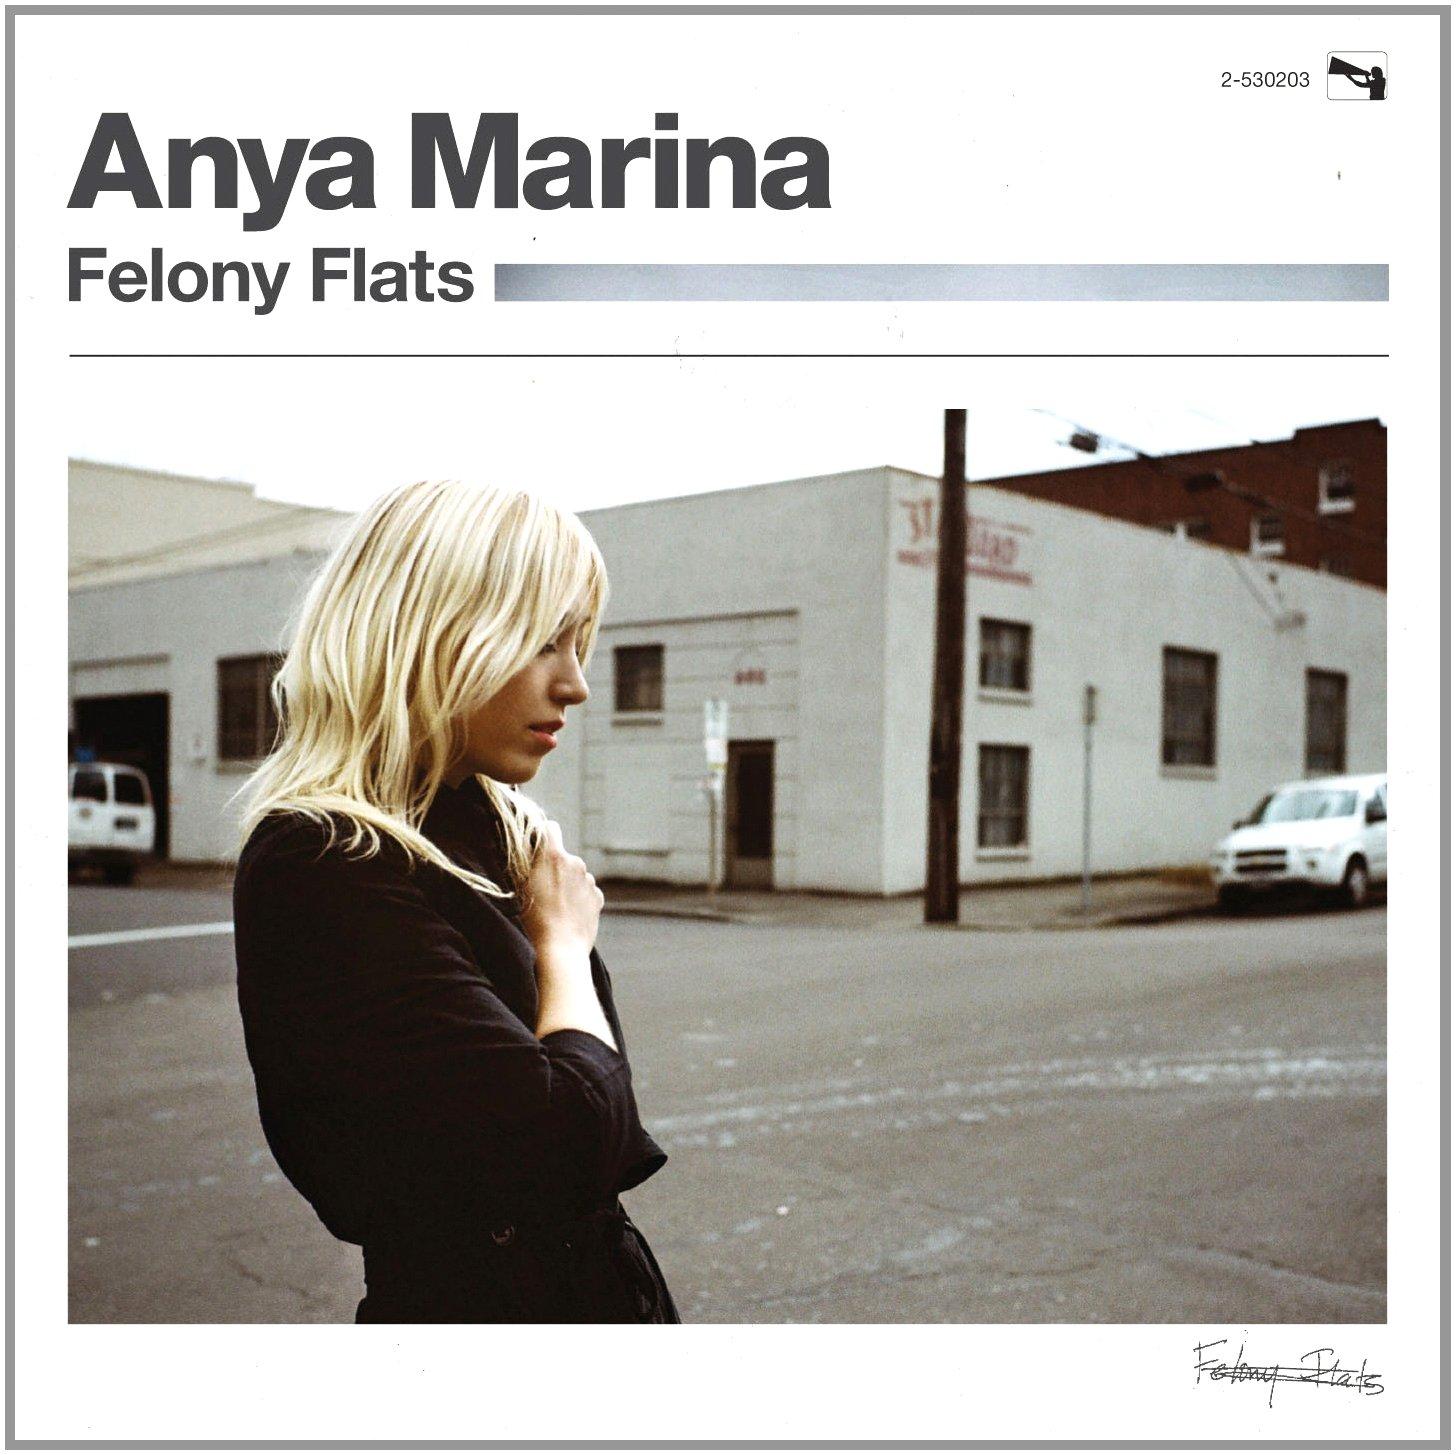 Marina, Anya - Felony Flats - Amazon.com Music